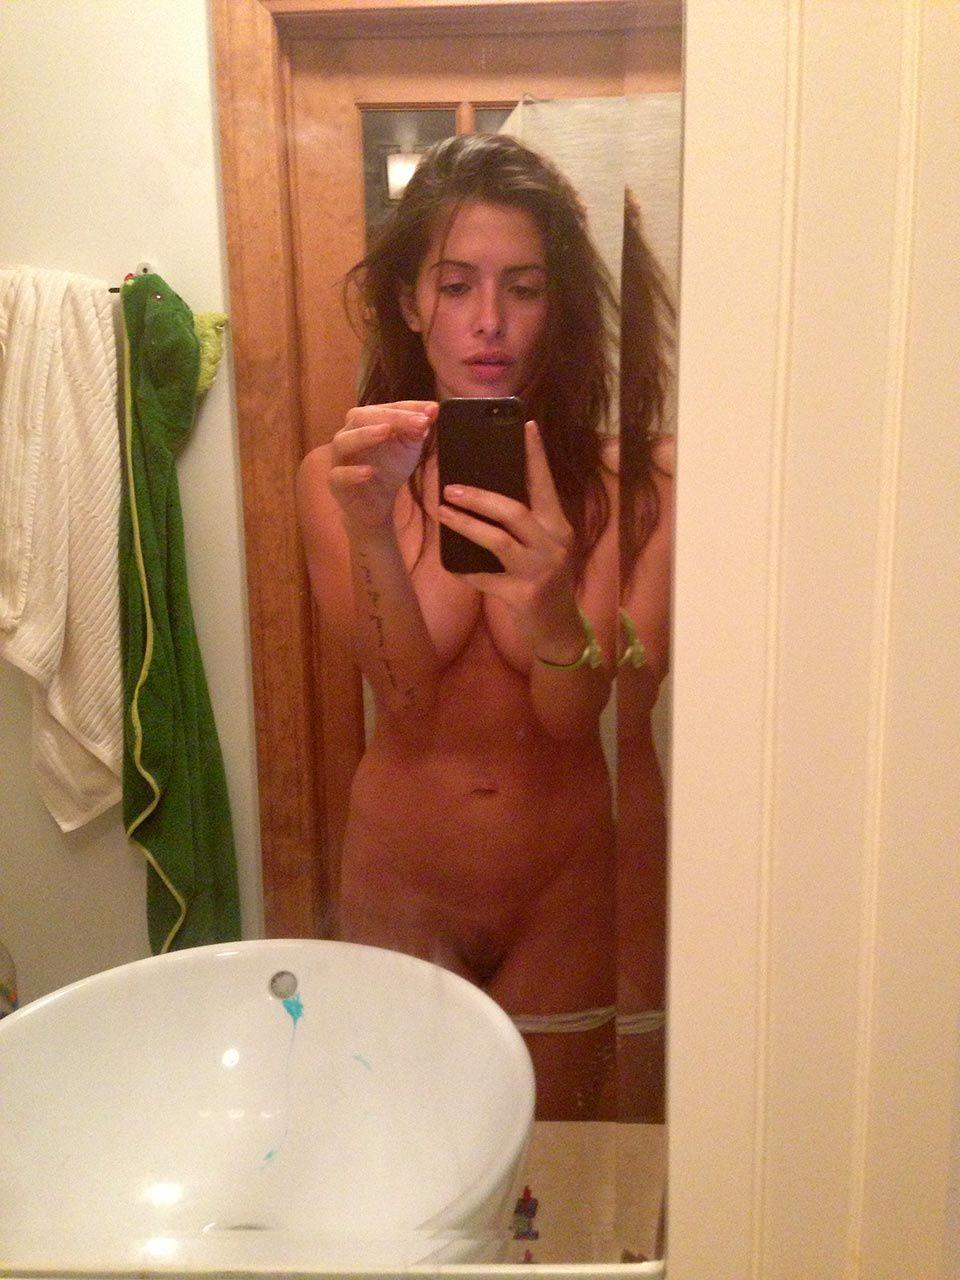 0419194836656 000 15 Sarah Shahi Nude Leaked Thefappeningblo